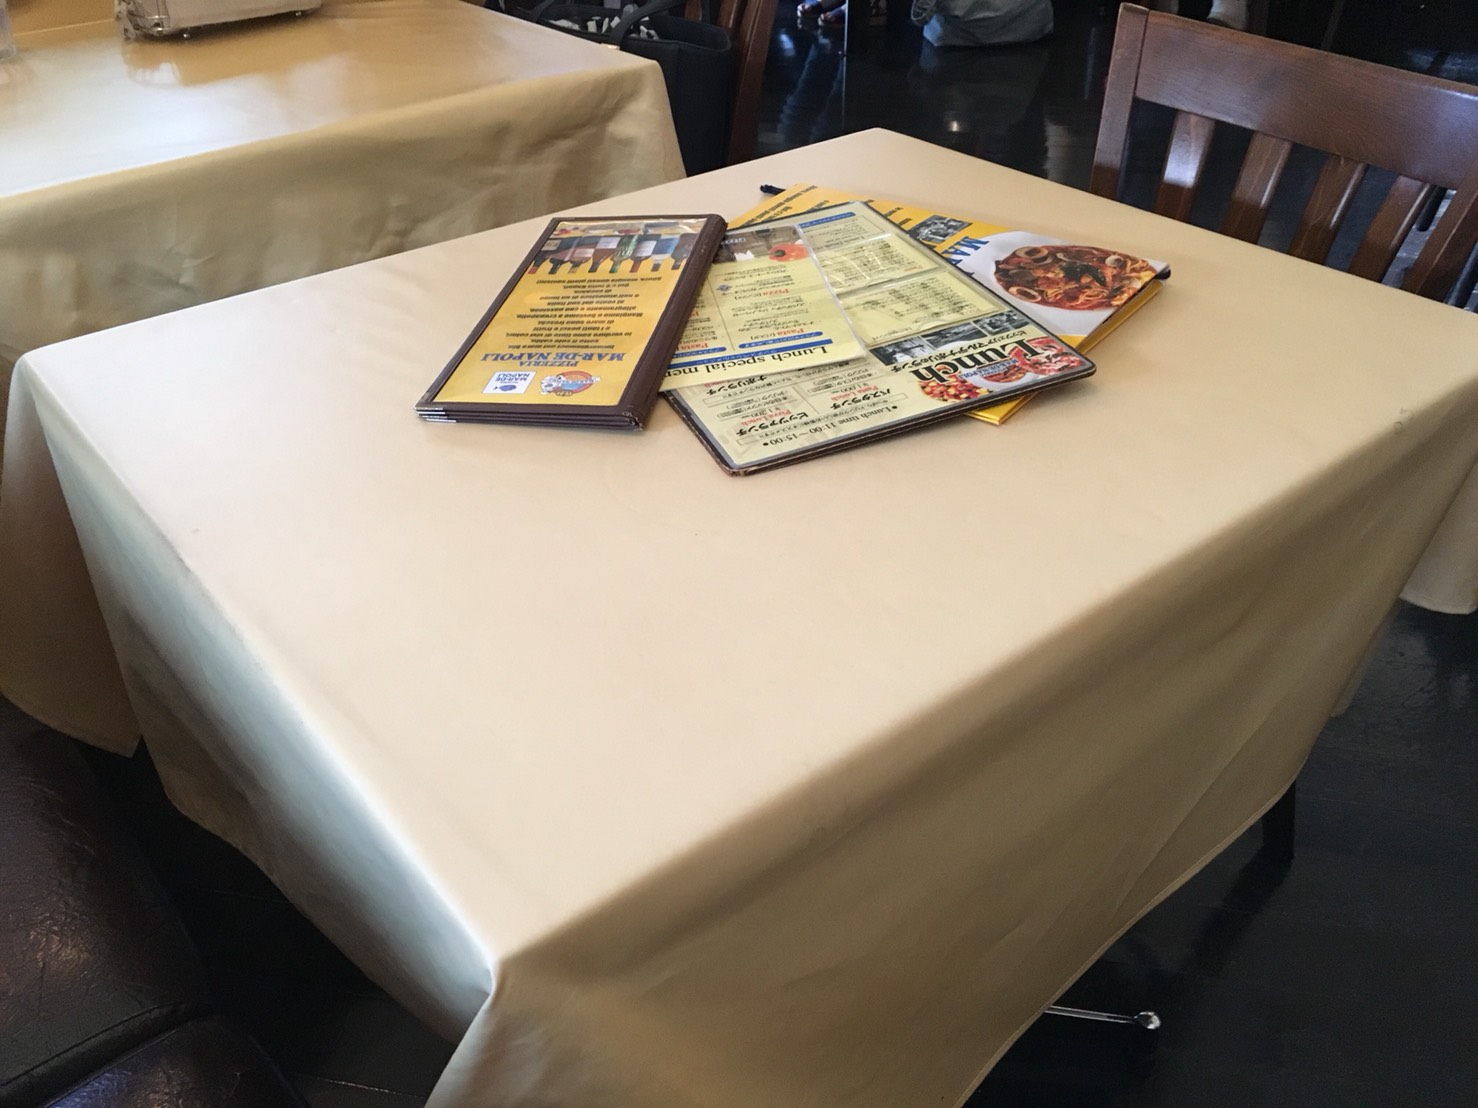 【後楽園駅】本格薪窯ナポリピザとパスタ「マルデナポリ ラクーア店」のテーブル